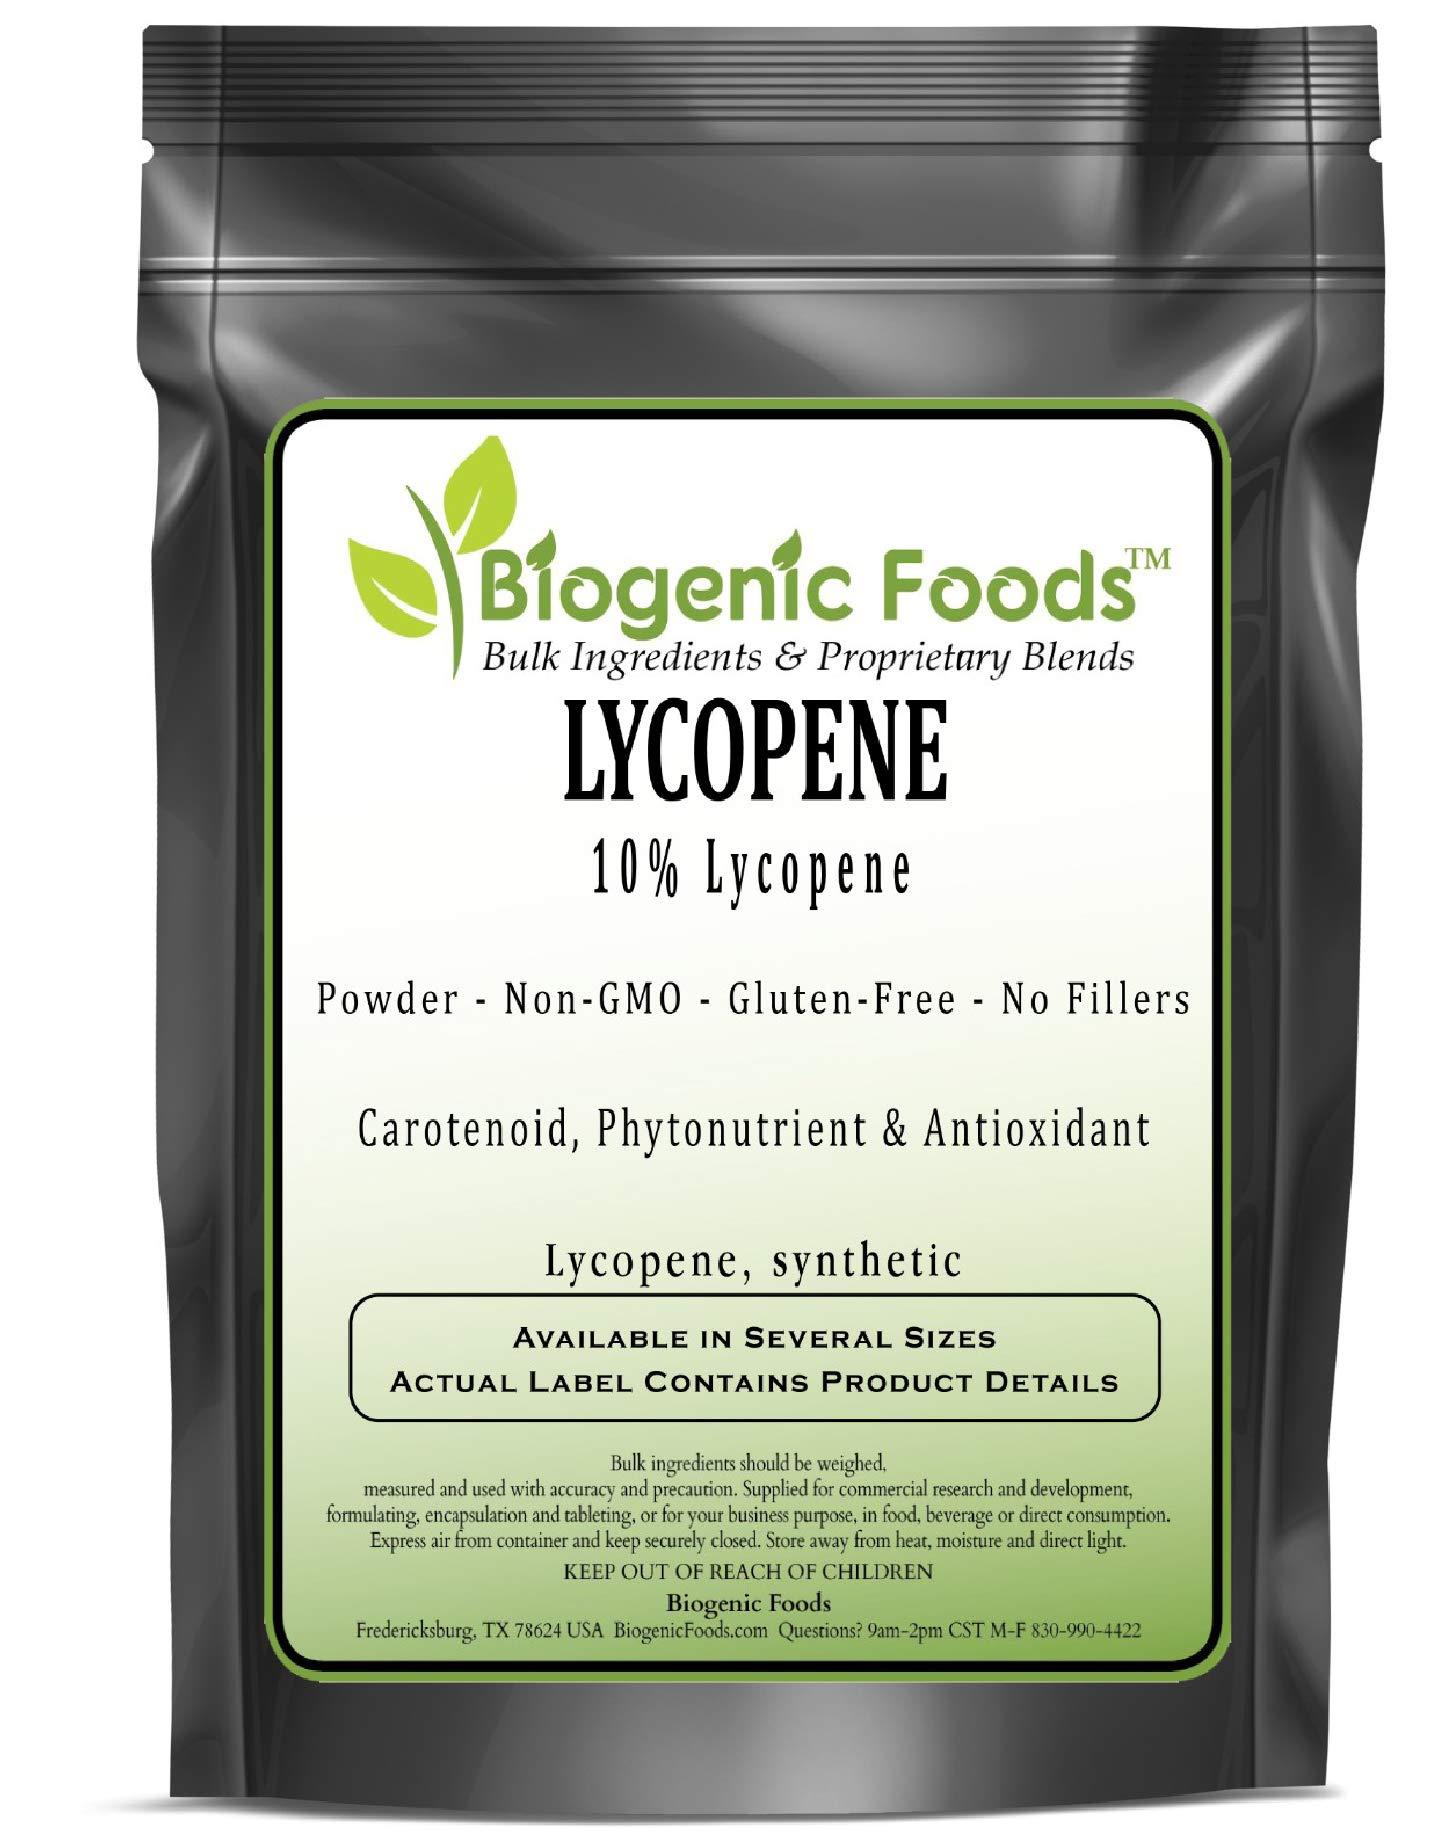 Lycopene - 10% Lycopene Powder Extract (Lycopene, Synthetic), 1 kg